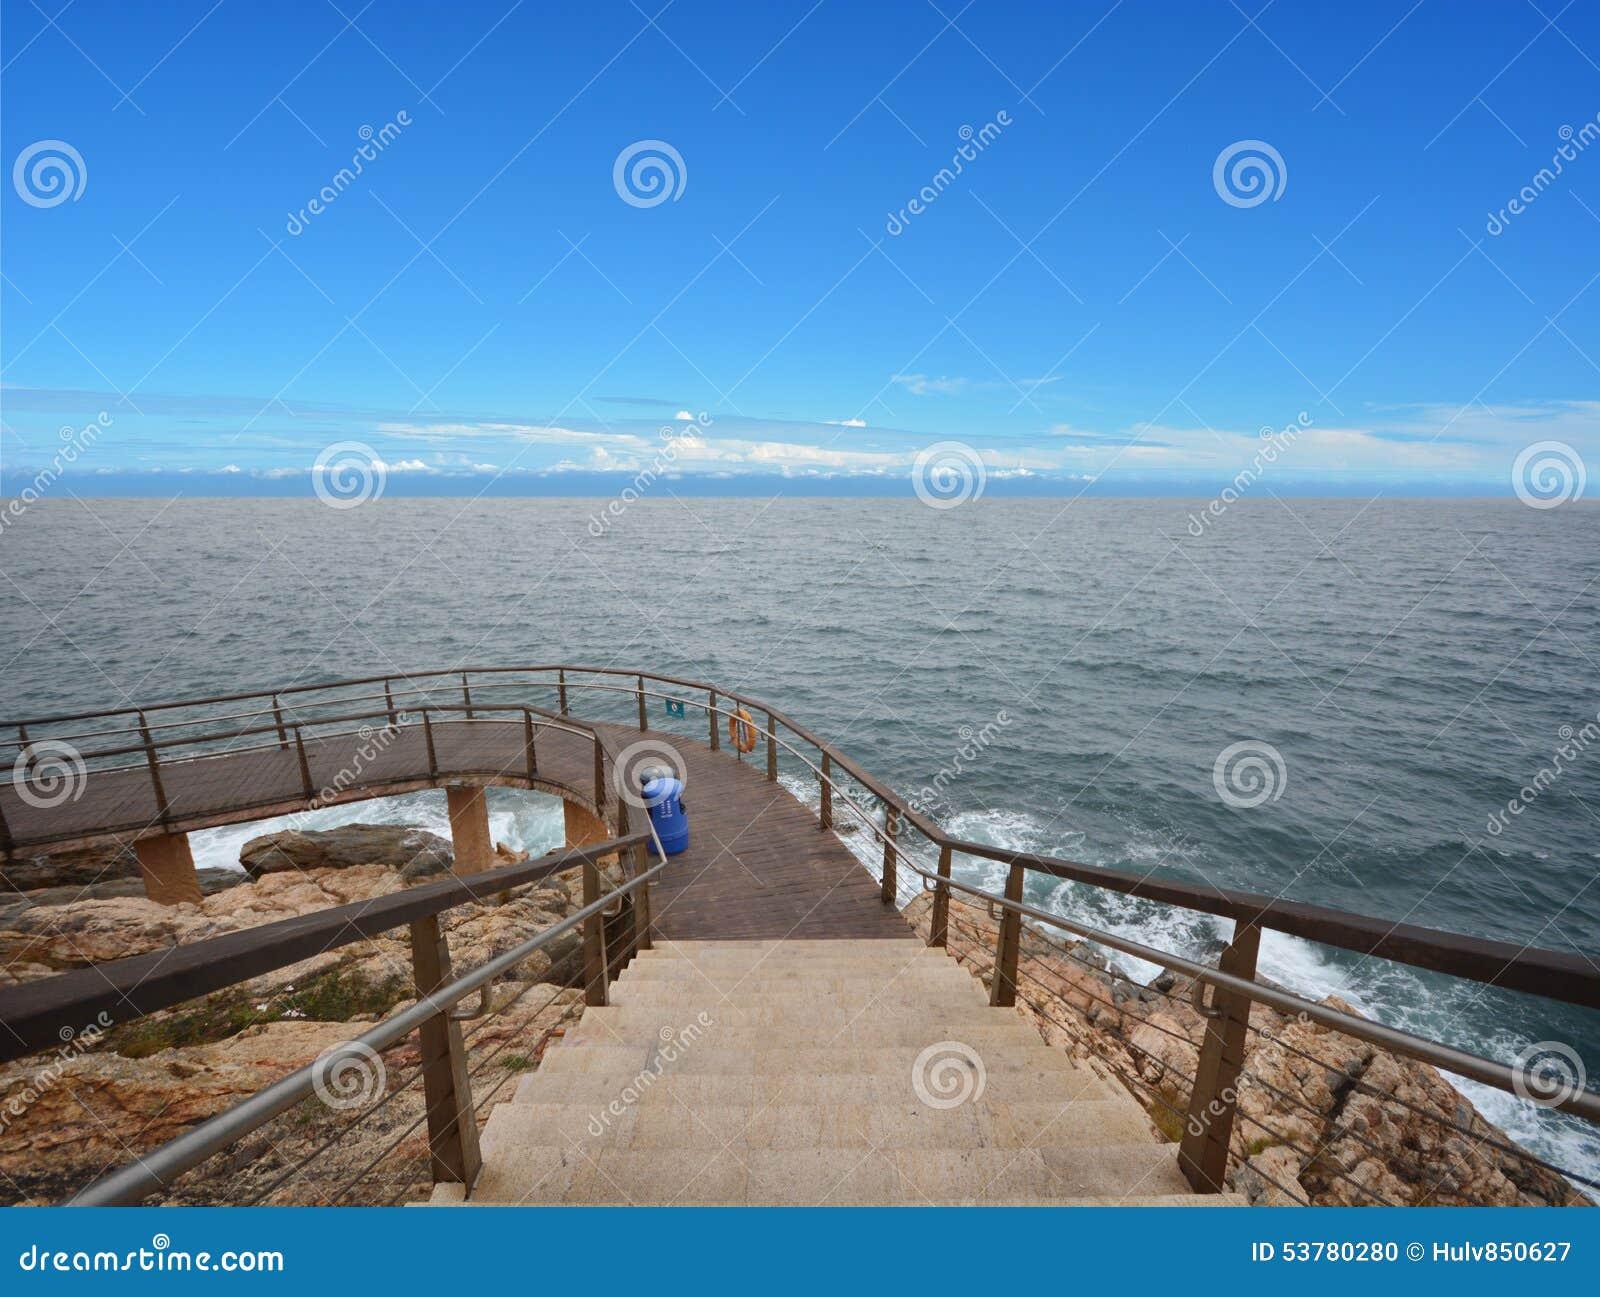 Nad widok falezy Cyclades Greece wyspy wysp Oia santorini morza widok